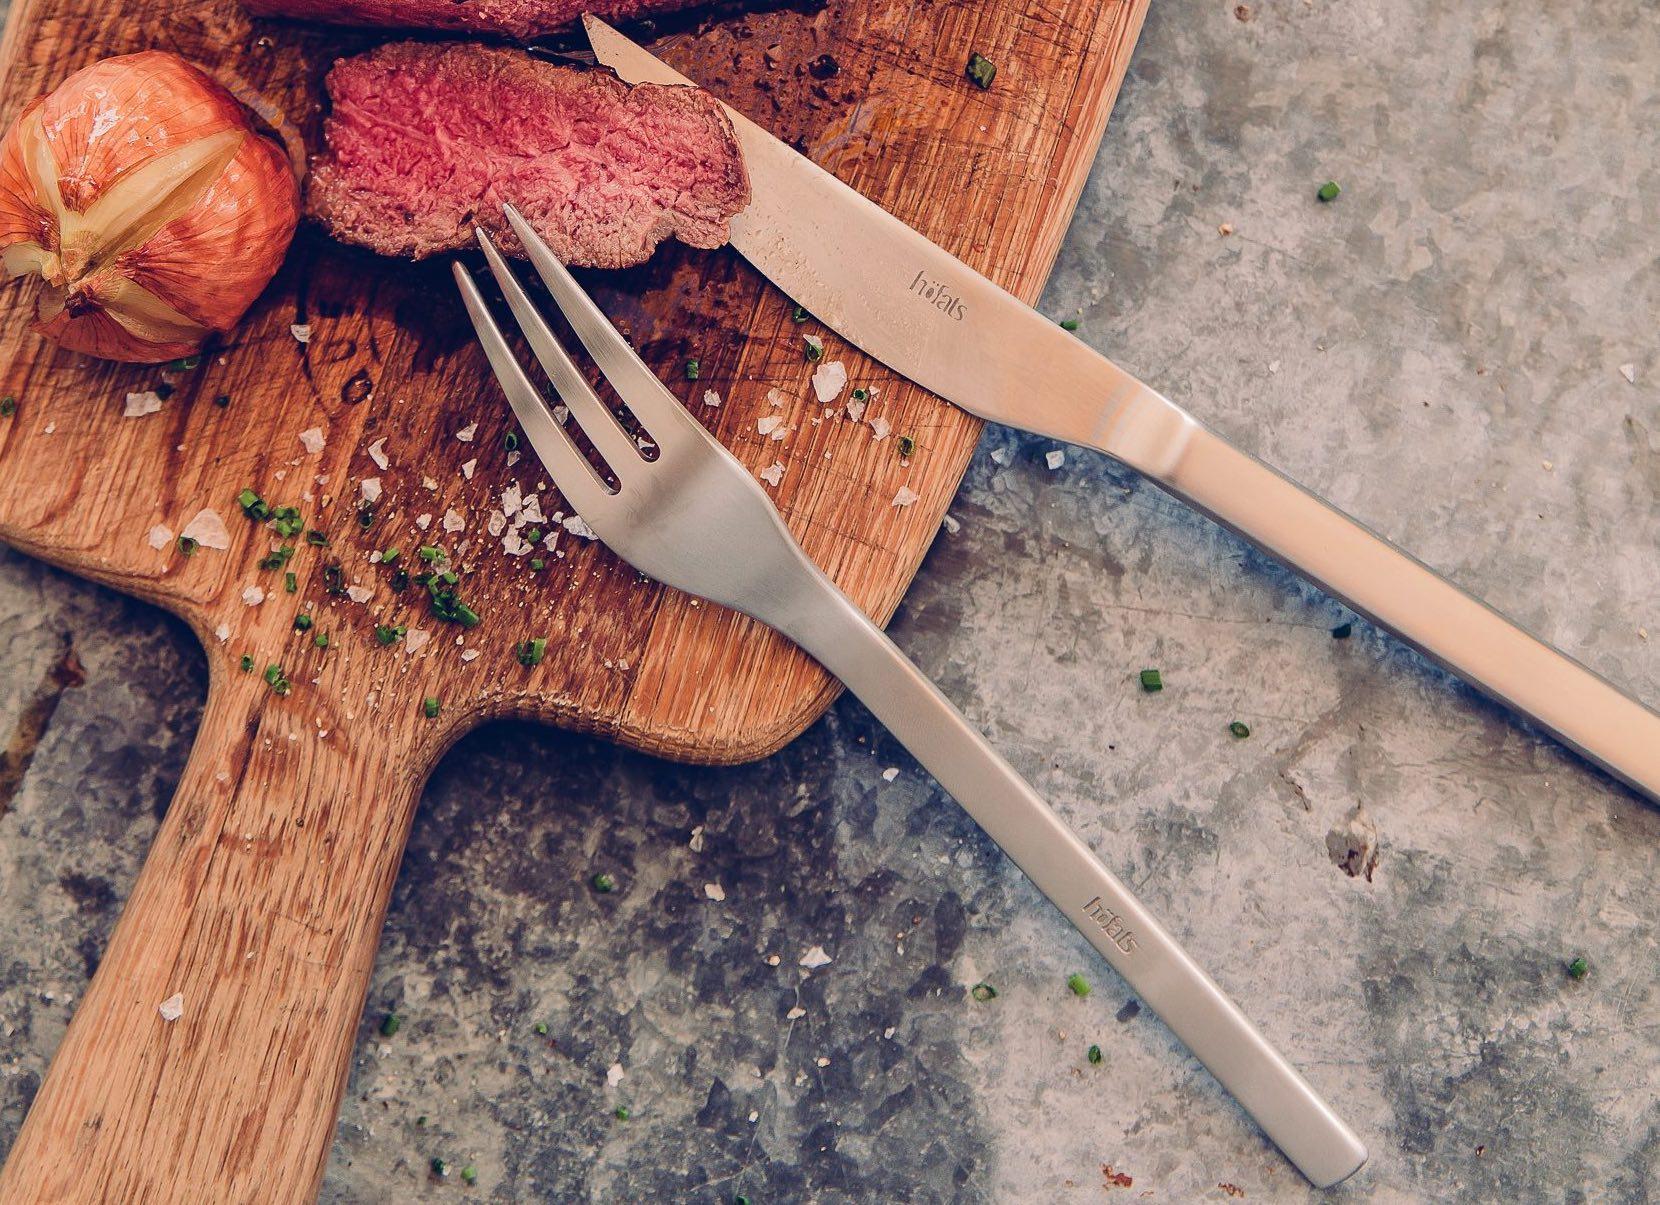 Steak Knives and Forks